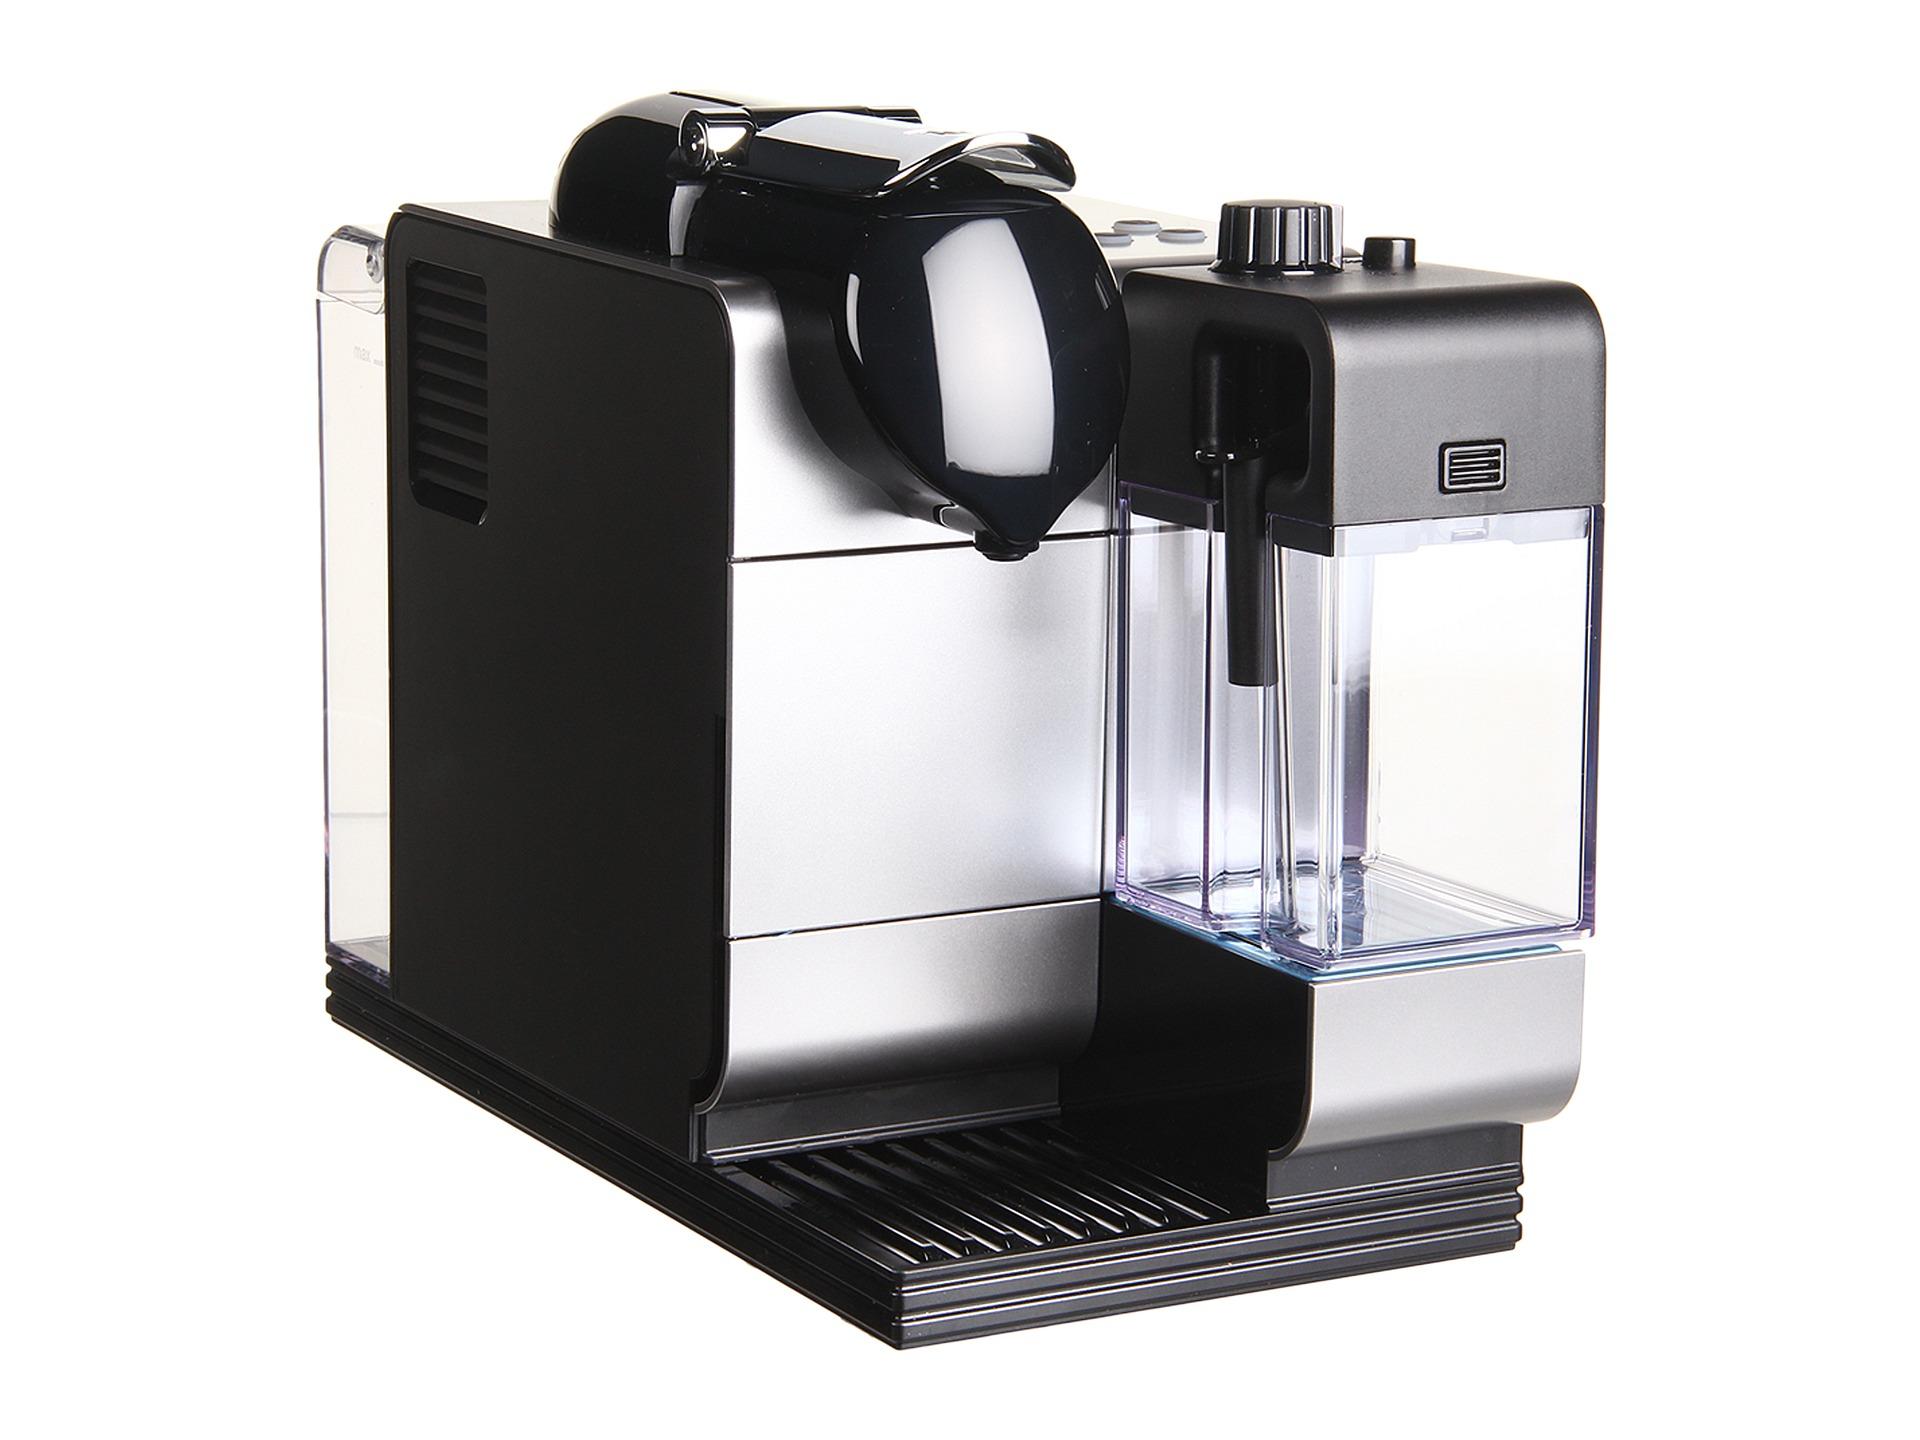 no results for delonghi en520 nespresso lattissima plus search. Black Bedroom Furniture Sets. Home Design Ideas